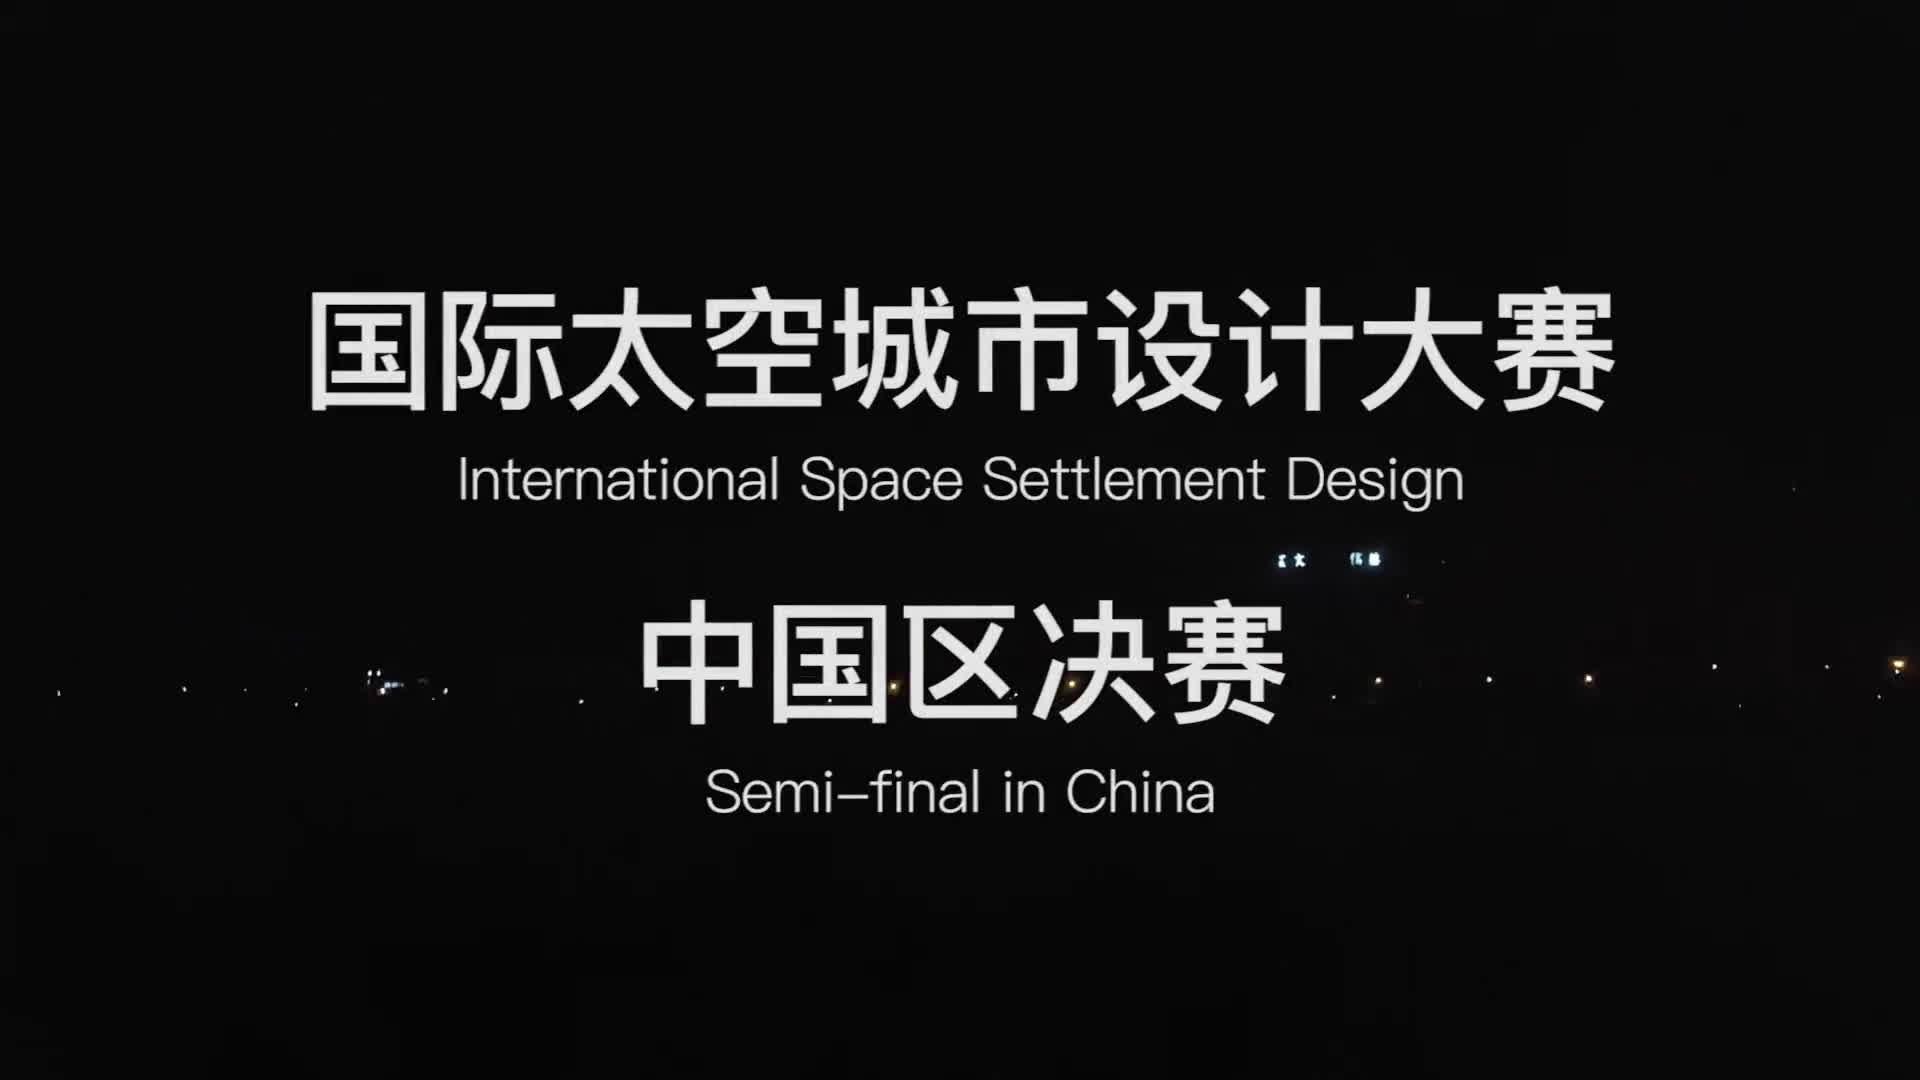 【君的名】国际太空城市设计大赛vlog图片